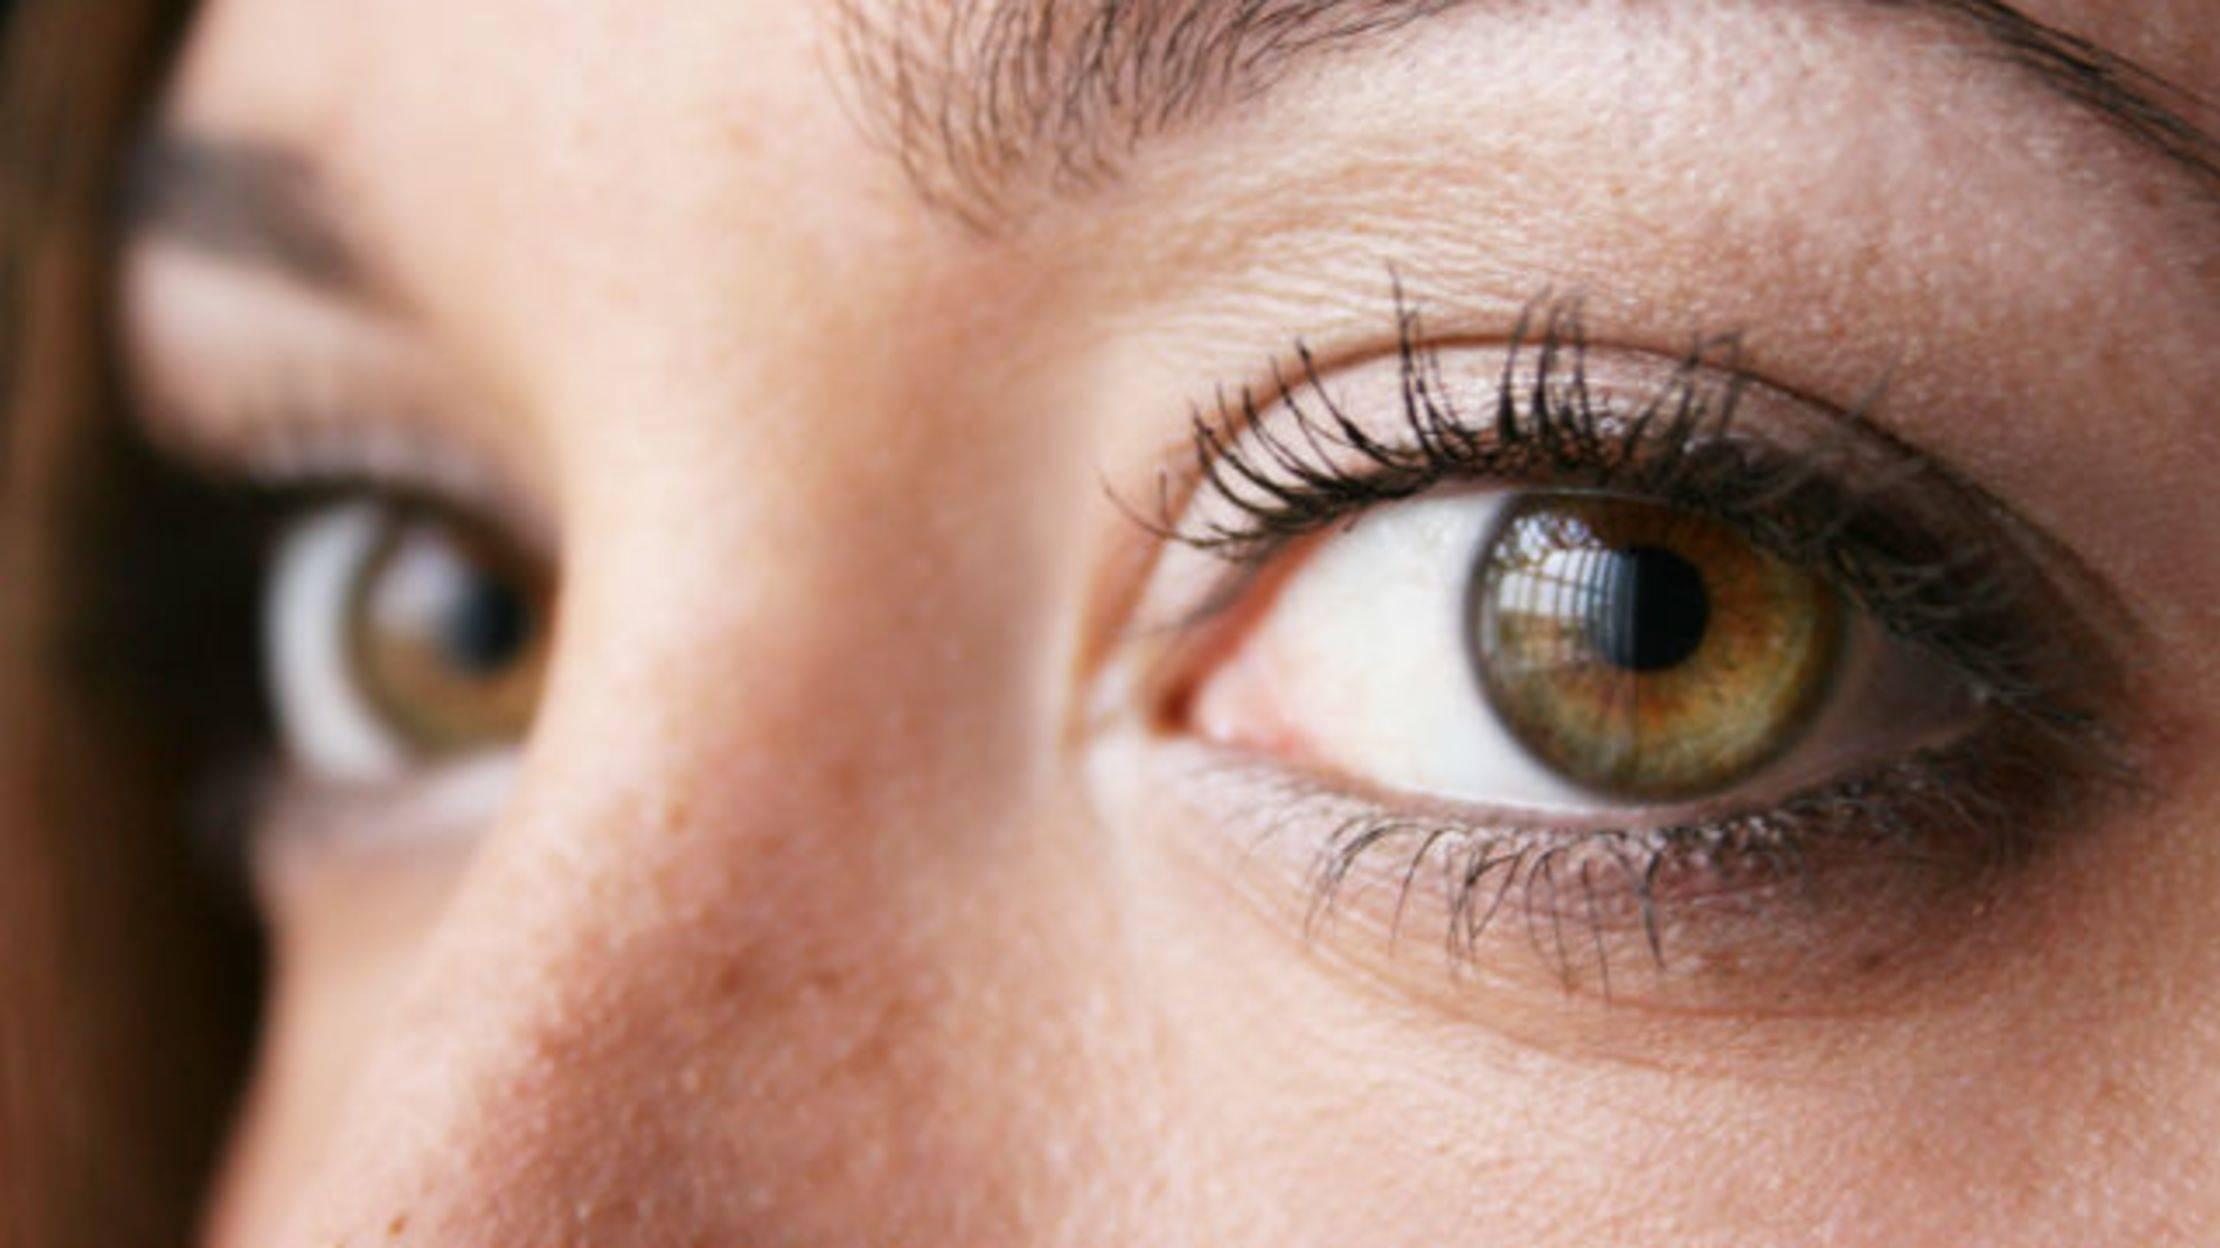 Ореховый цвет глаз: особенности, фото, макияж. ореховый цвет глаз характер. как определить характер по цвету глаз ореховый оттенок глаз